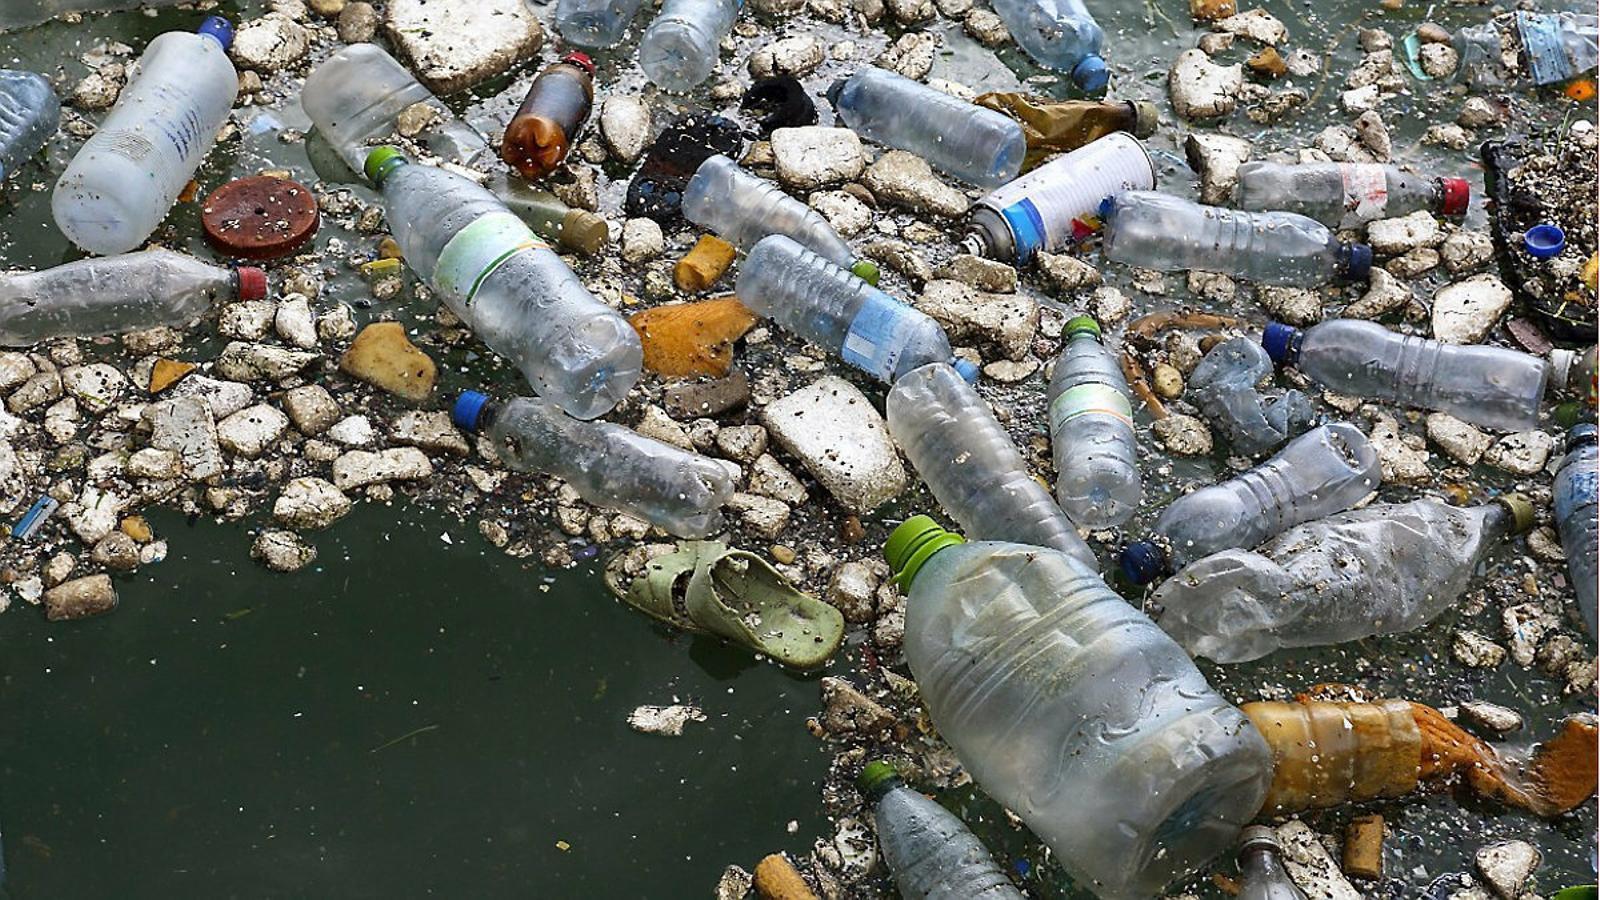 Més de la meitat dels residus recollits aquest estiu a la mar eren plàstics